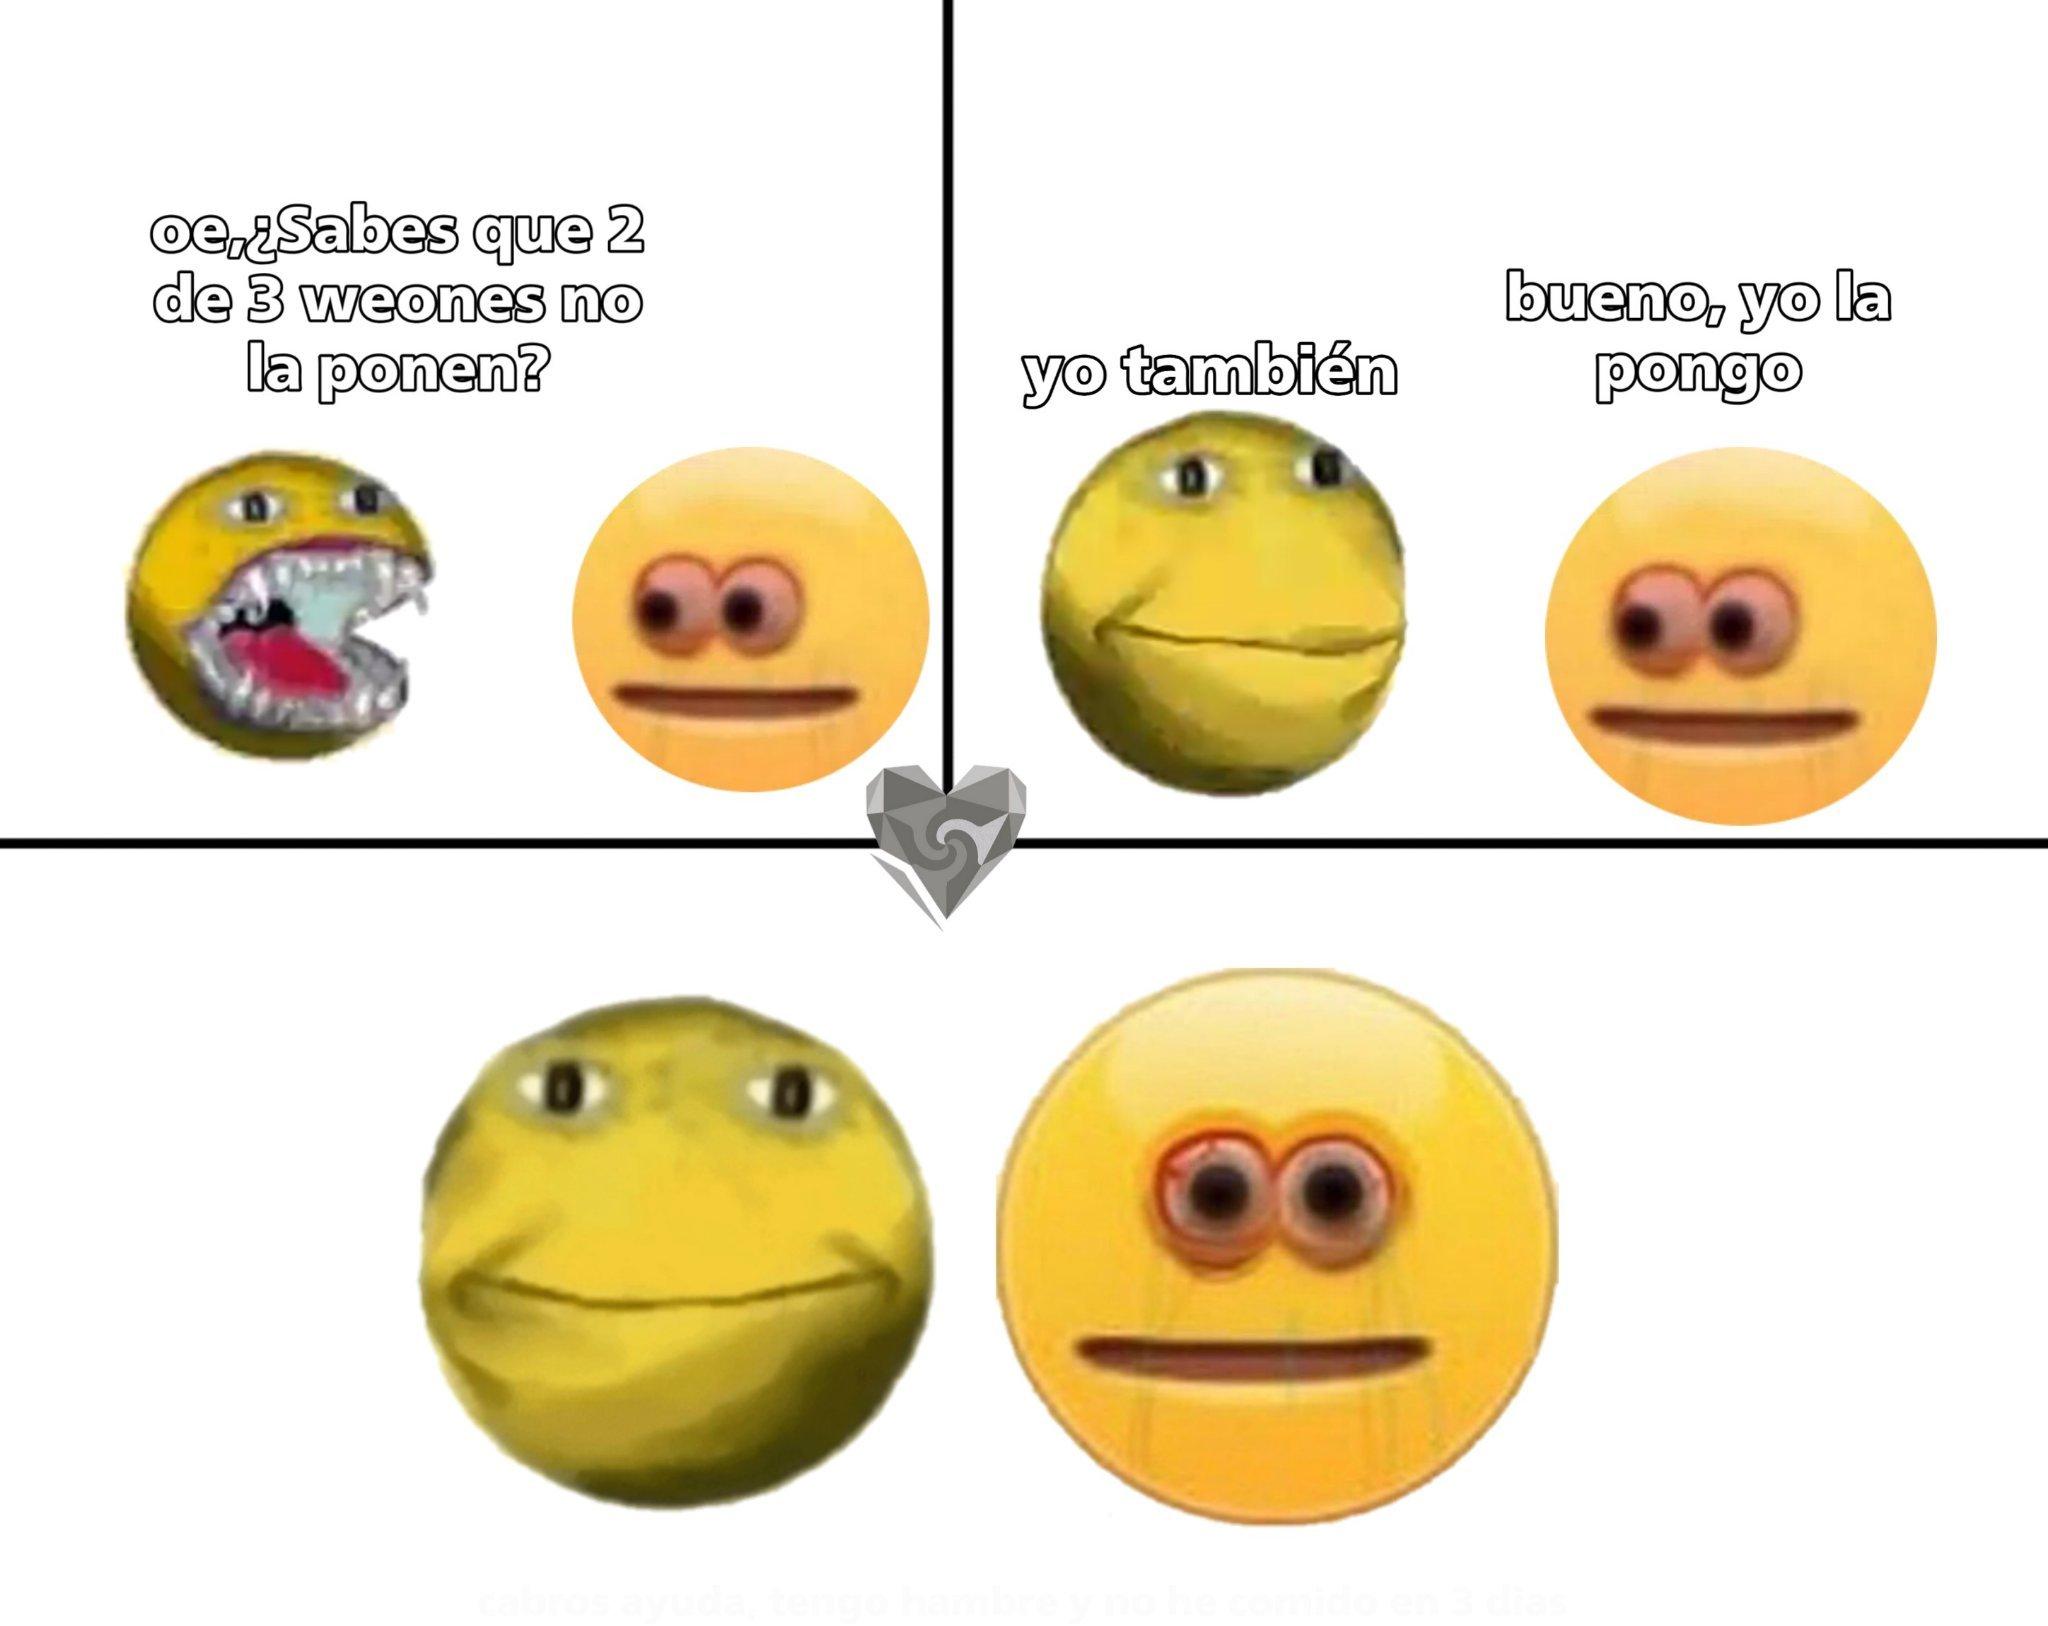 Bye ByBye Bye - meme